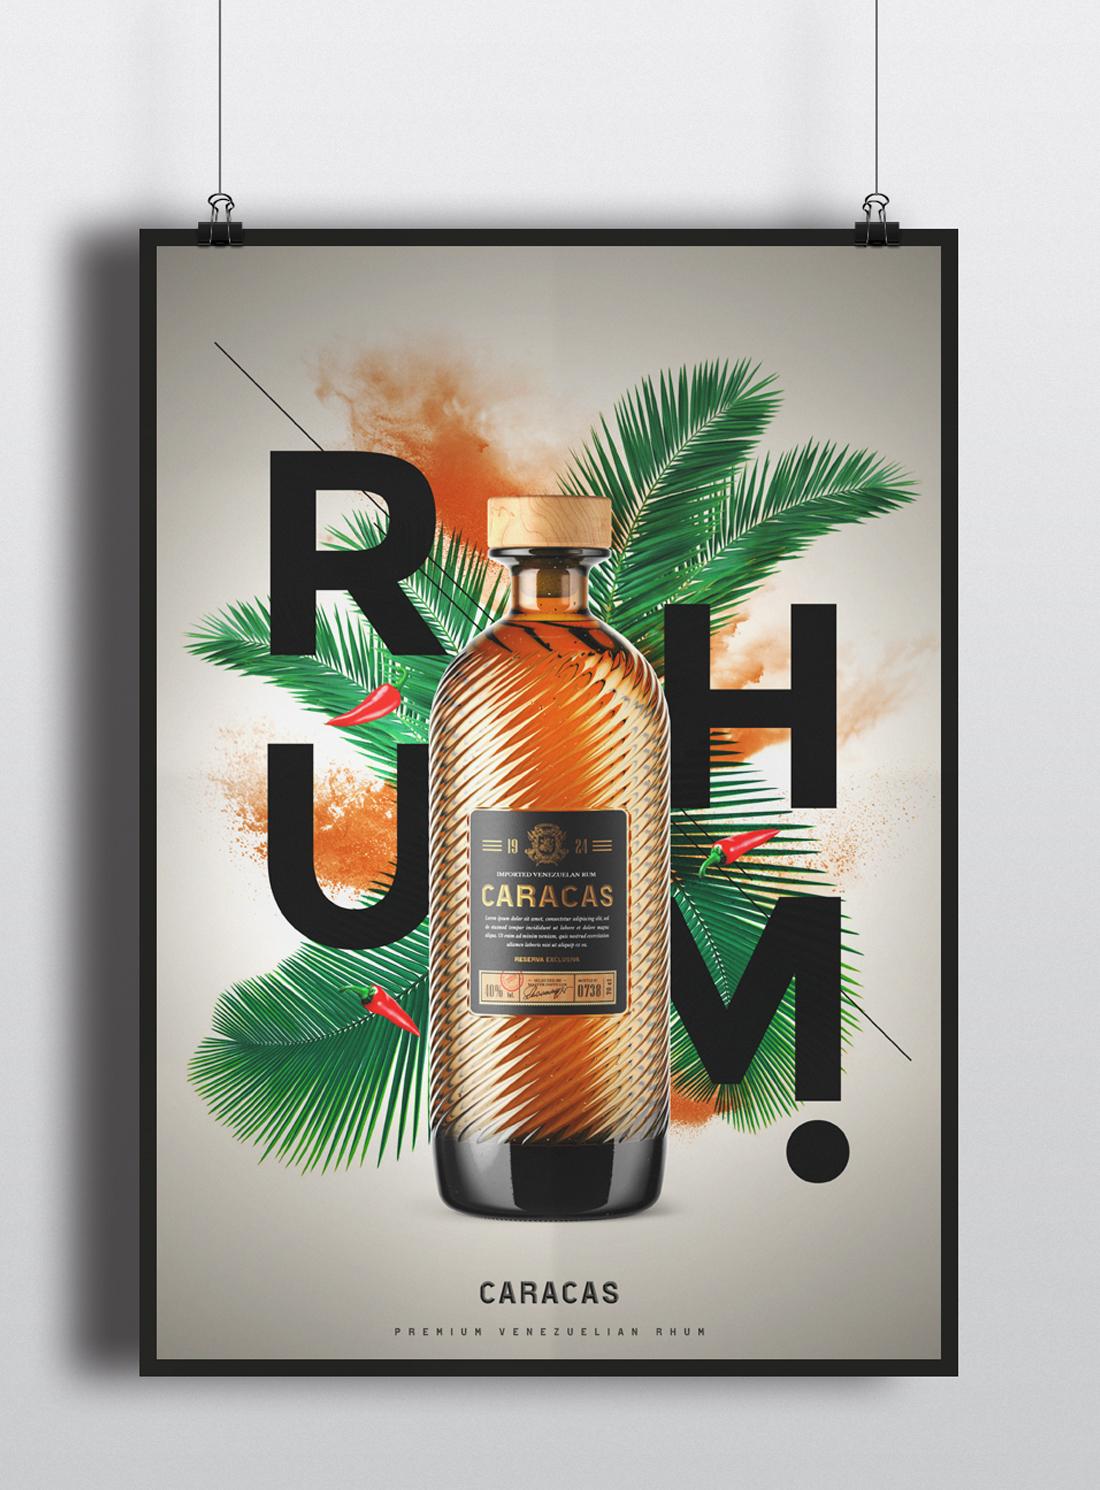 Affiche style éxotique pour bouteille de rhum vénézuélien